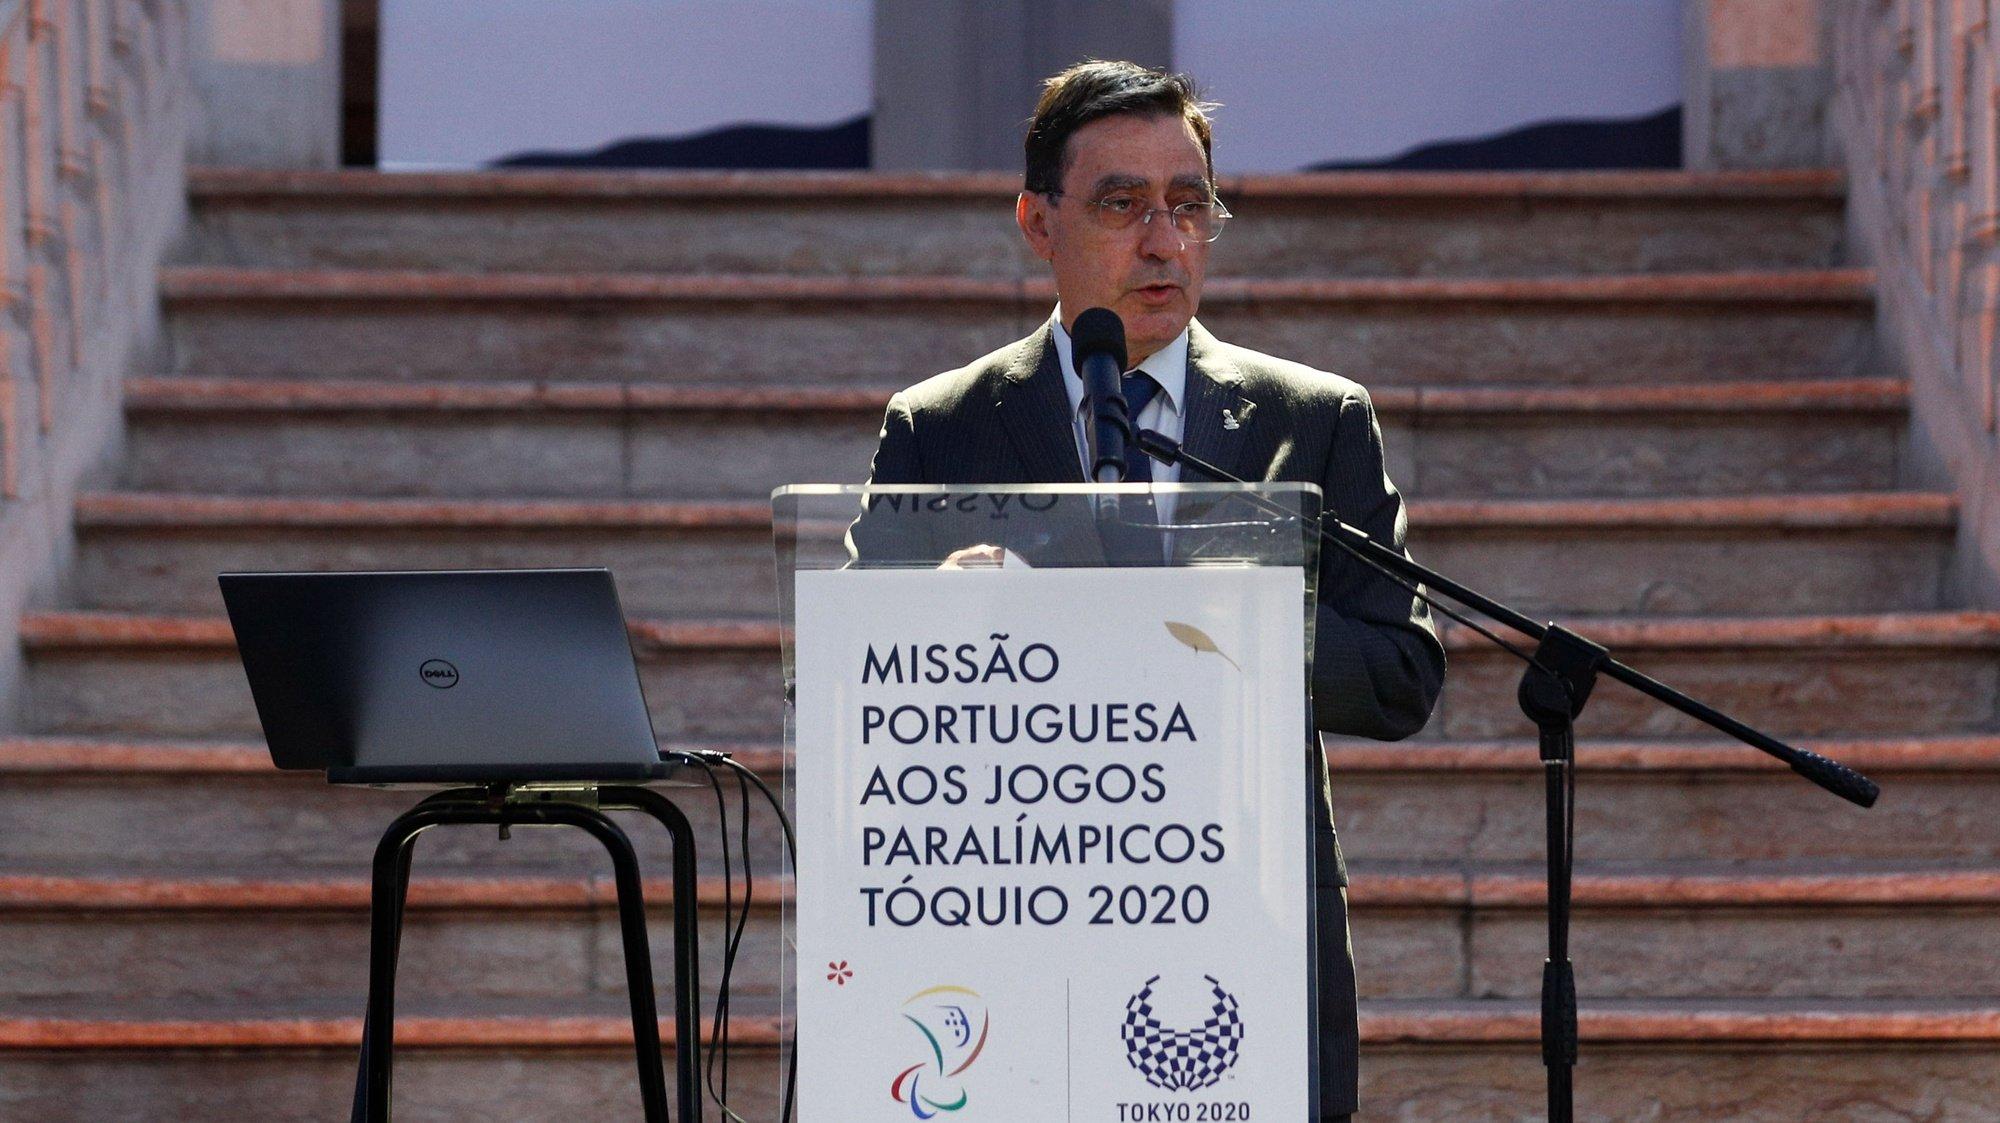 O presidente do Comité Paralímpico de Portugal, José Manuel Lourenço, discursa durante a cerimónia de apresentação da Missão Portuguesa aos Jogos Paralímpicos Tóquio 2020, com a presença dos representantes da direção da Missão Paralímpica, da comissão executiva do Comité Paralímpico de Portugal e de atletas de todas as modalidades com representação nos Jogos Paralímpicos, Loures, 16 de julho de 2021. ANTÓNIO COTRIM/LUSA